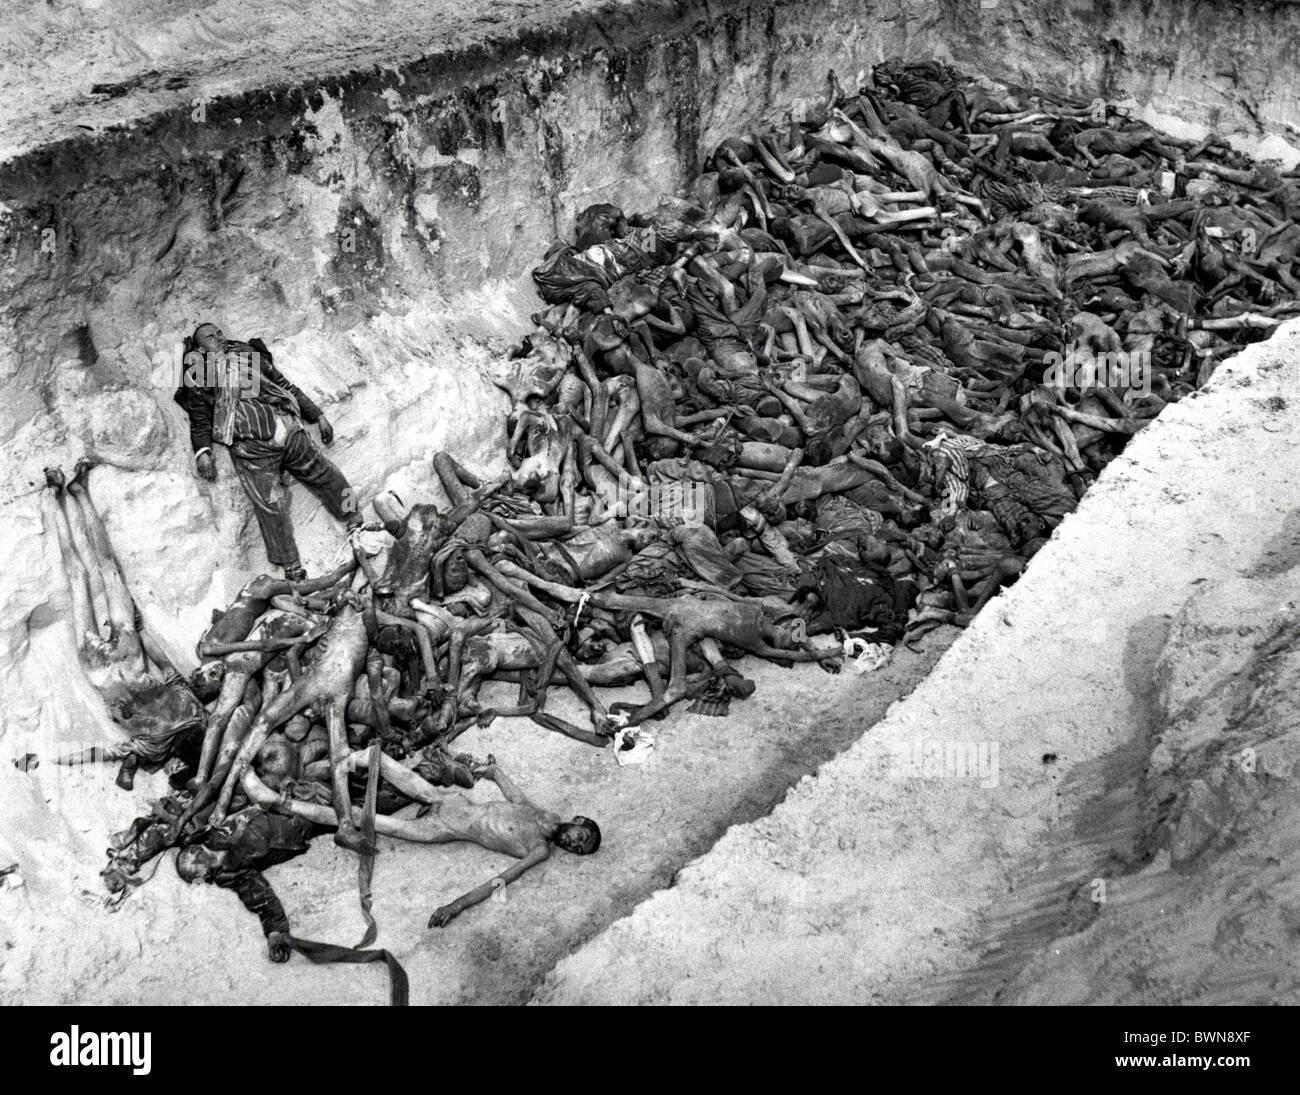 World War II Bergen-Belsen concentration camp Germany Europe April 1945 history historical historic prisoners - Stock Image